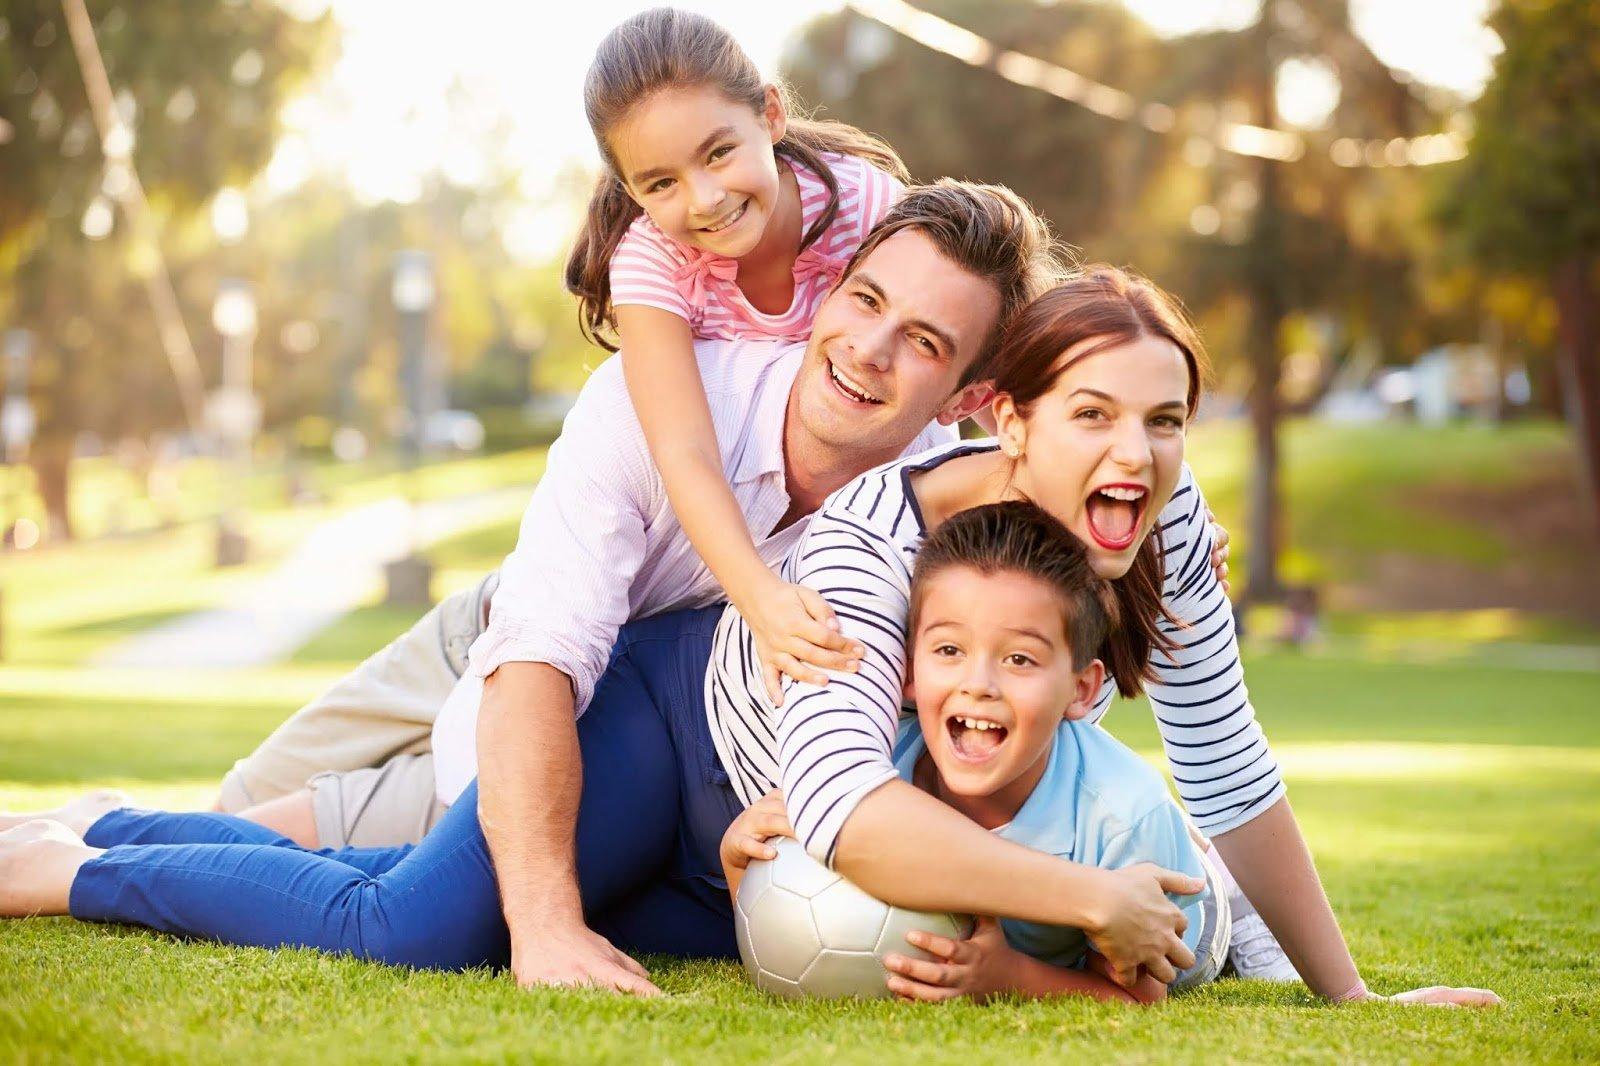 La tasa de ahorro de las familias pasa del 5,6% de su renta disponible en 2007 a casi el 5,9% en 2018